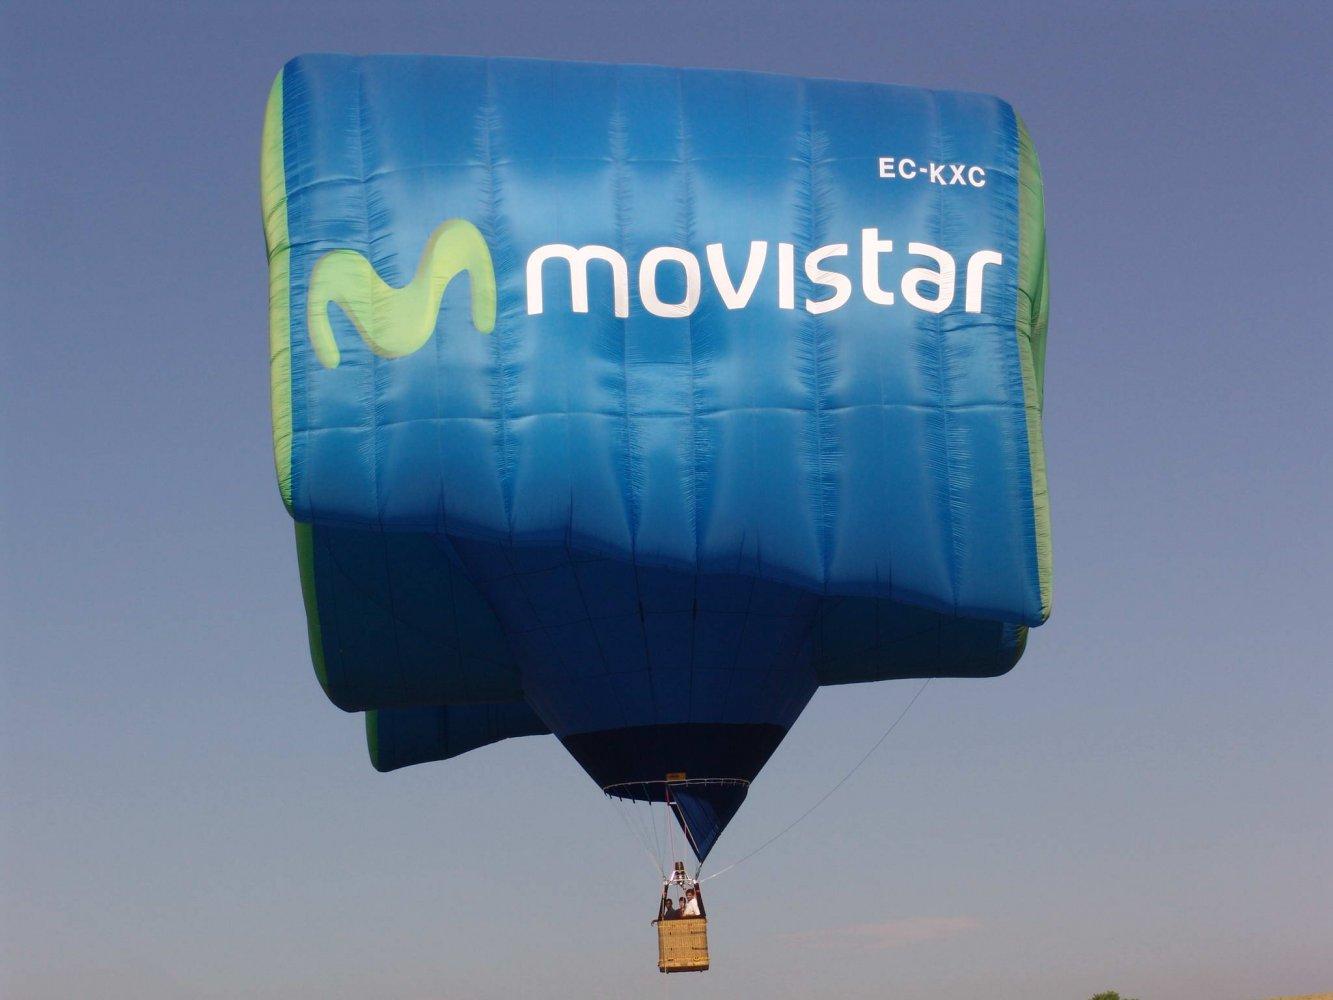 La venta de Movistar México y Centroamérica están muy avanzadas y solo se afinan los detalles.Foto: Jordiferrer